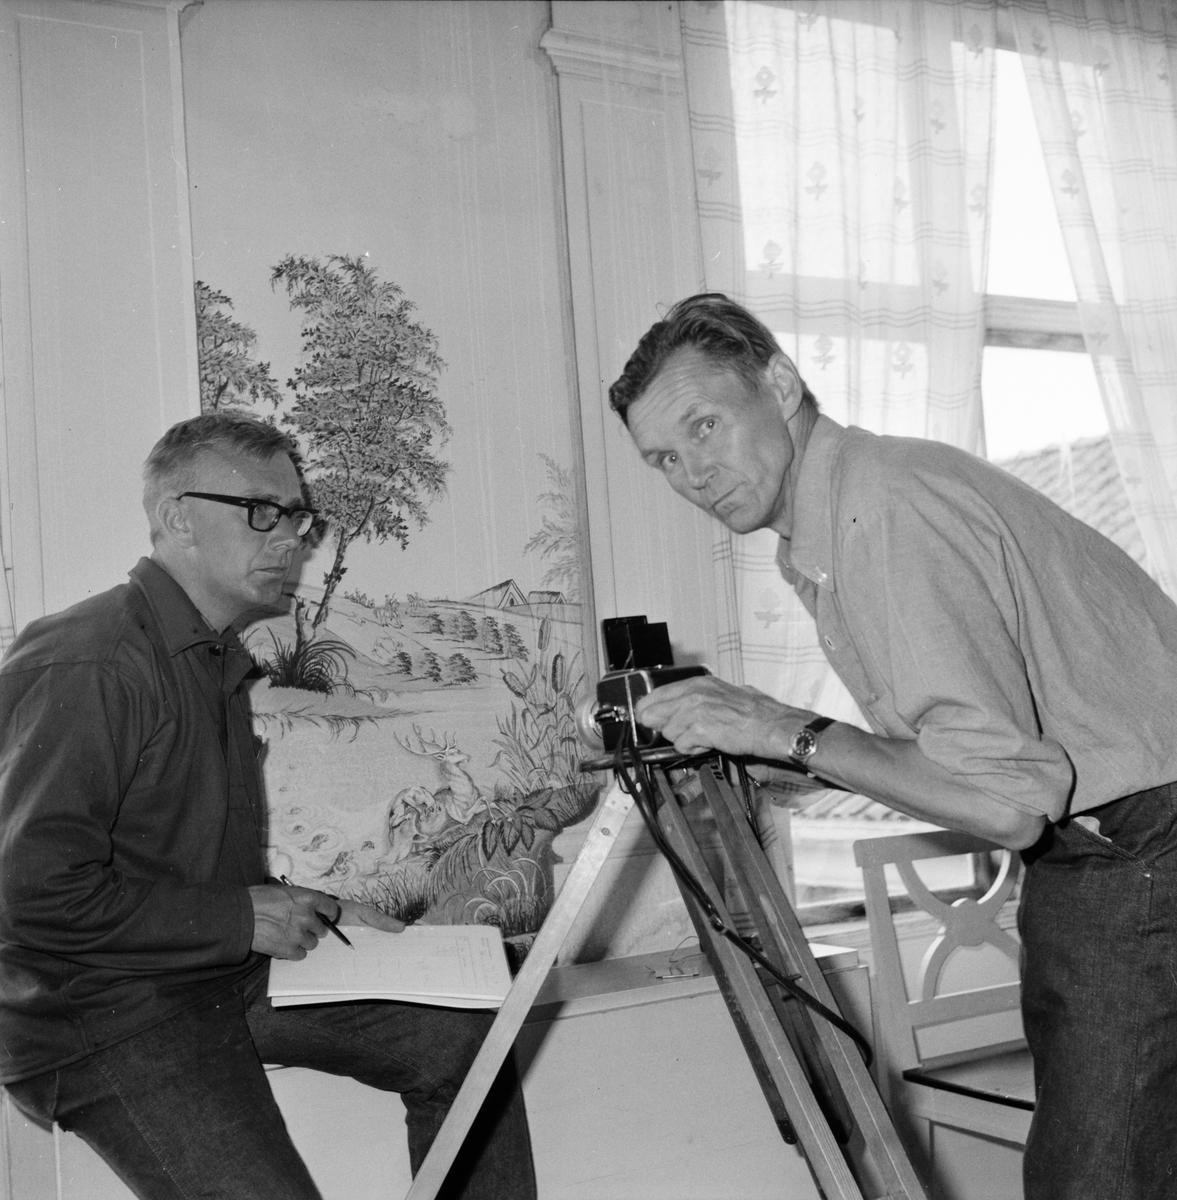 Inventering av måleri i Wallins-gården 20/6-1967